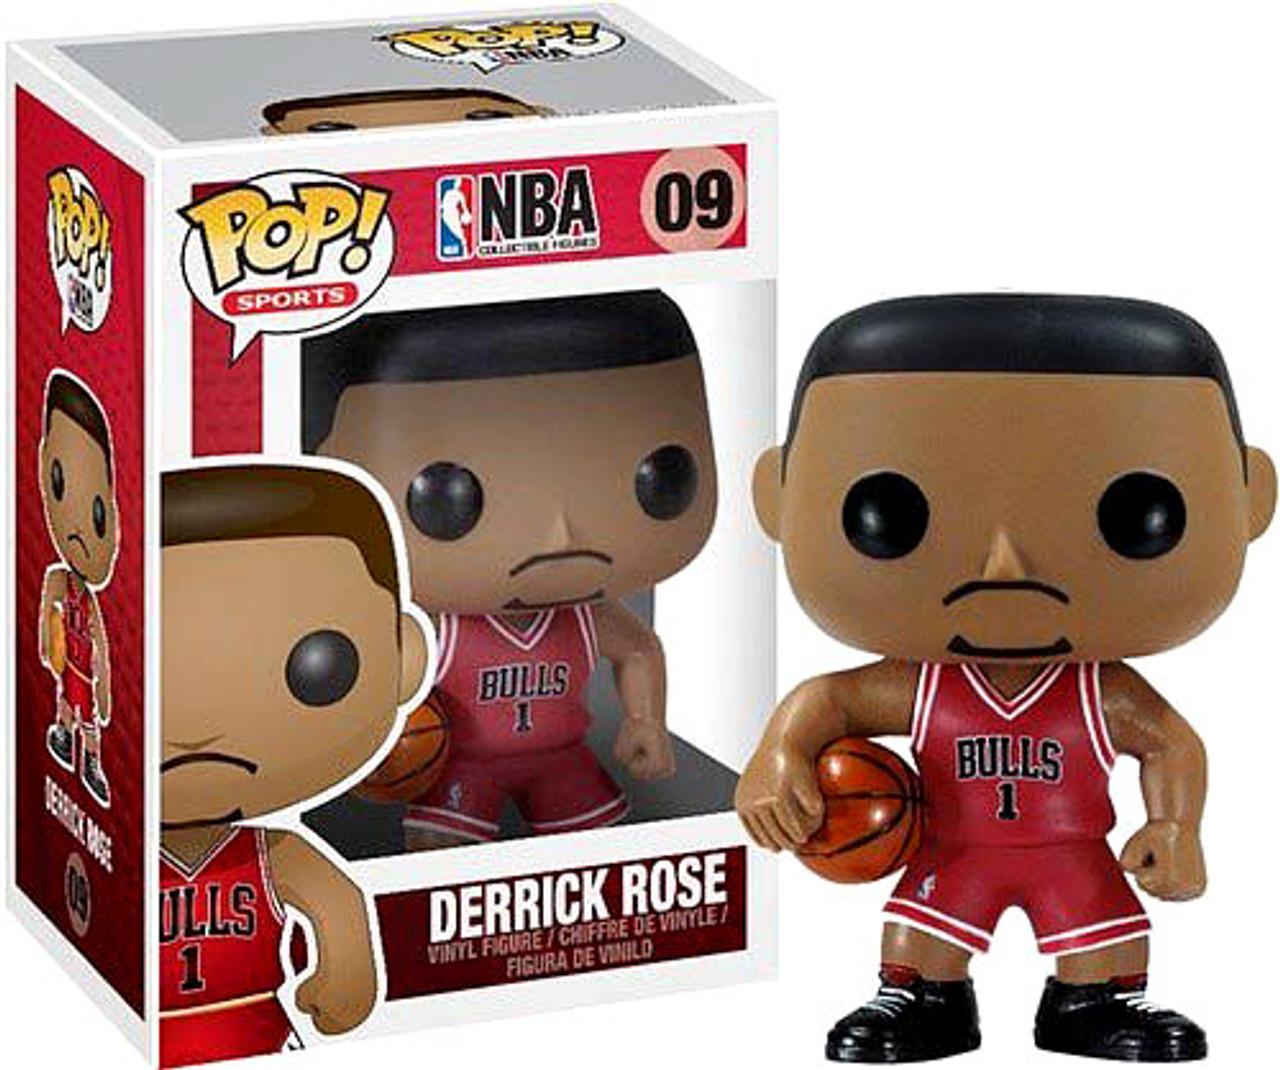 NBA Funko POP! Sports Derrick Rose Vinyl Figure #9